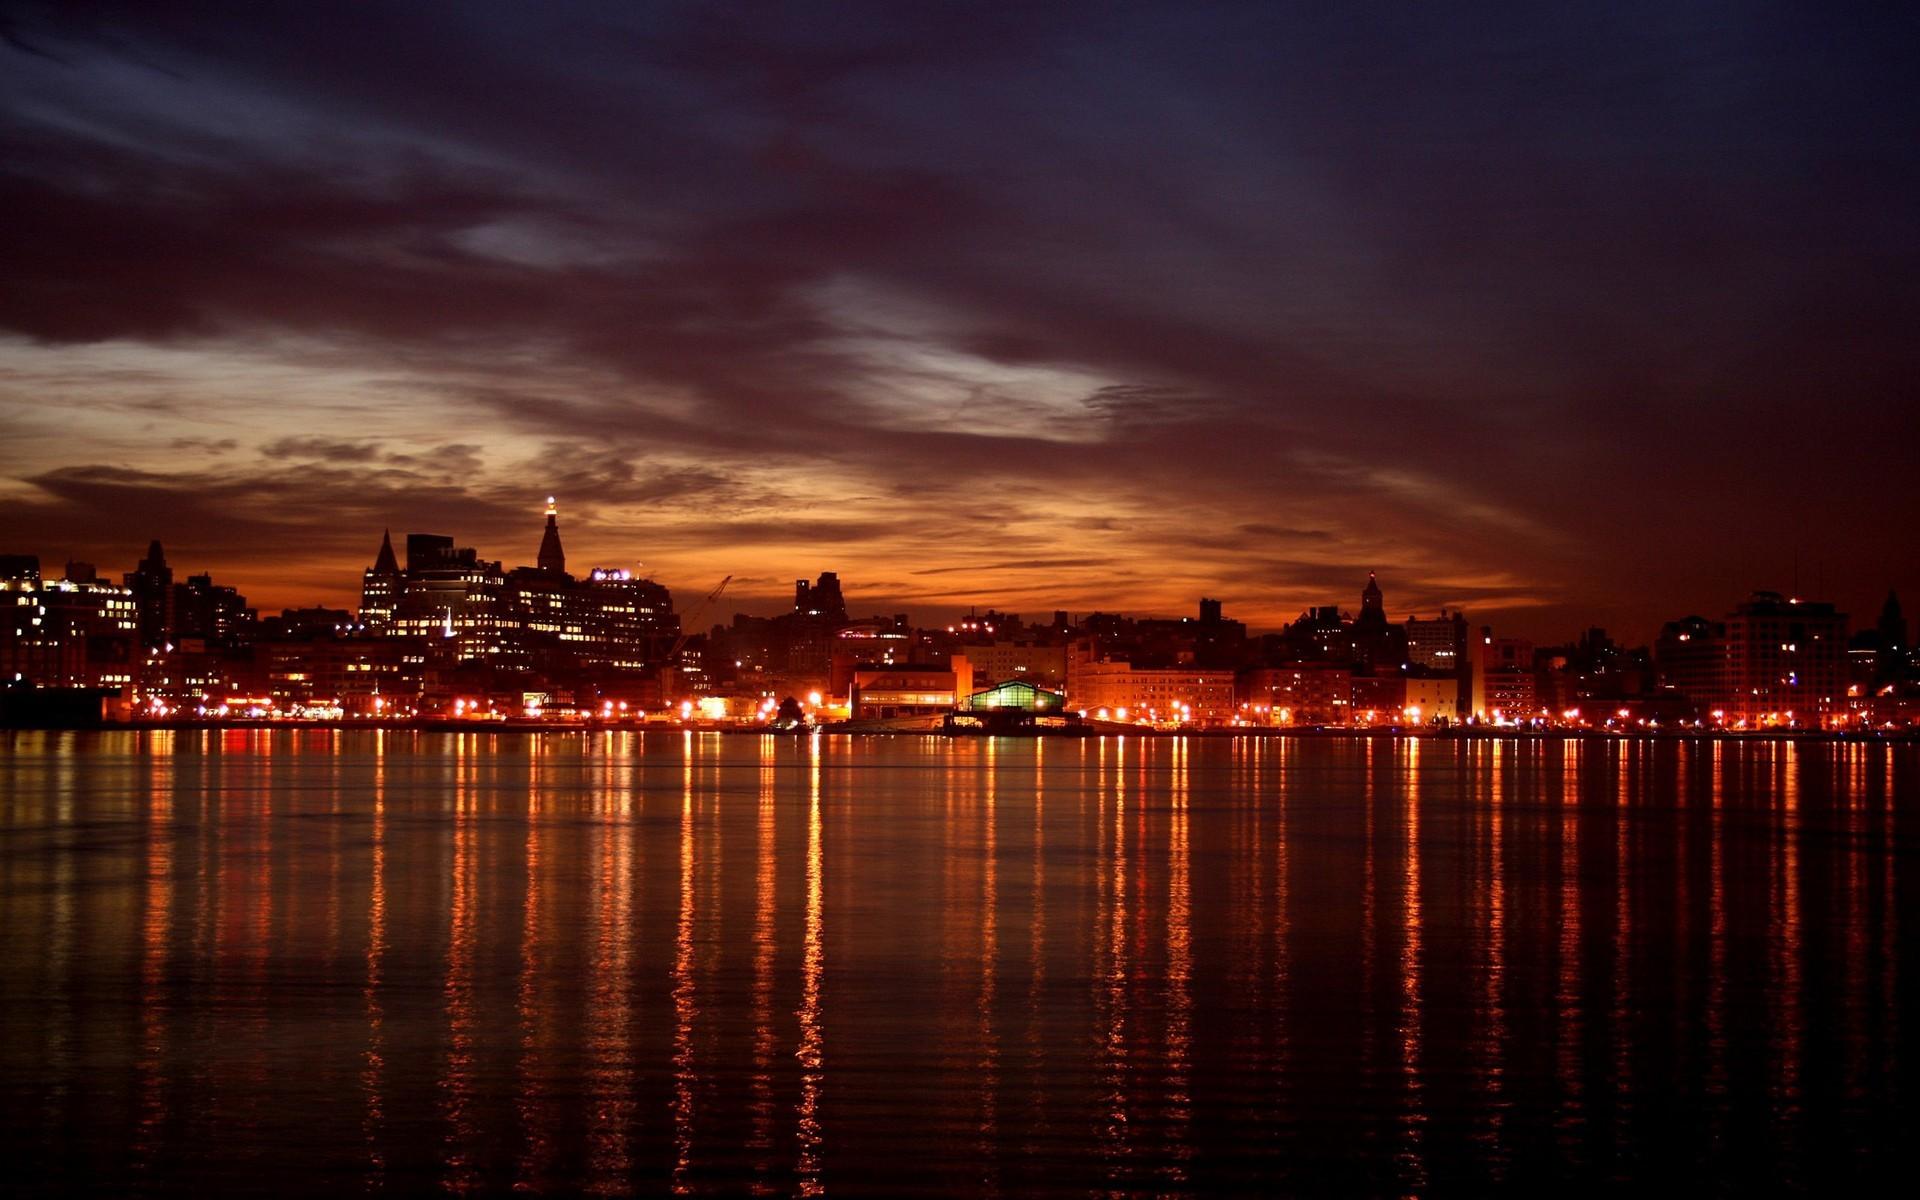 Night city lights wallpapers pack 3 31 danutzayy - Night light city wallpaper ...